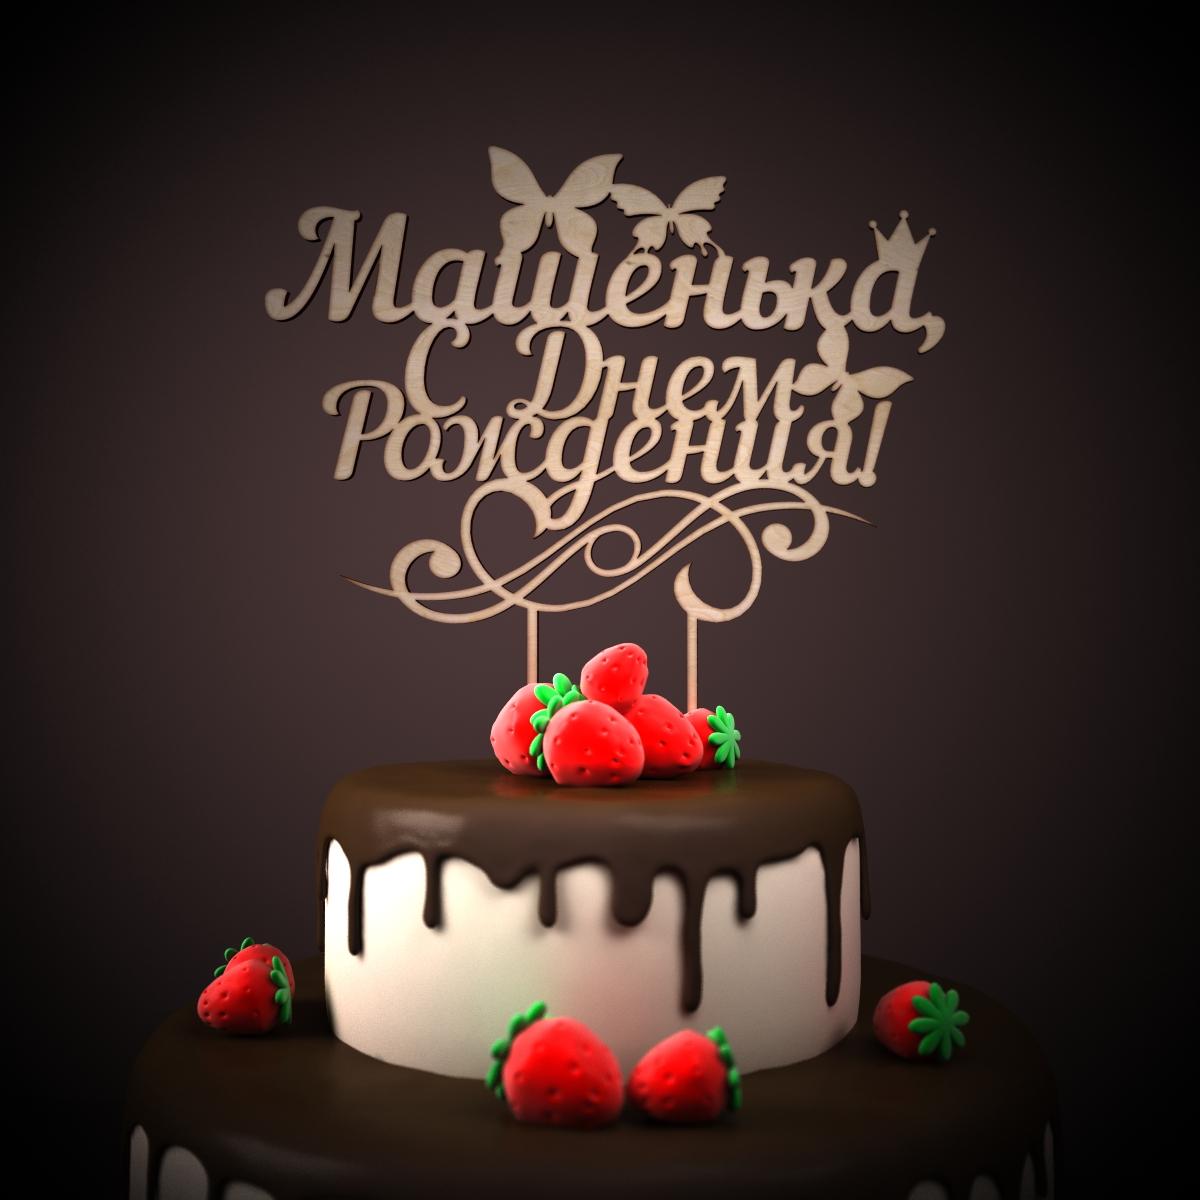 Поздравления с днем рождения для машеньки на годик